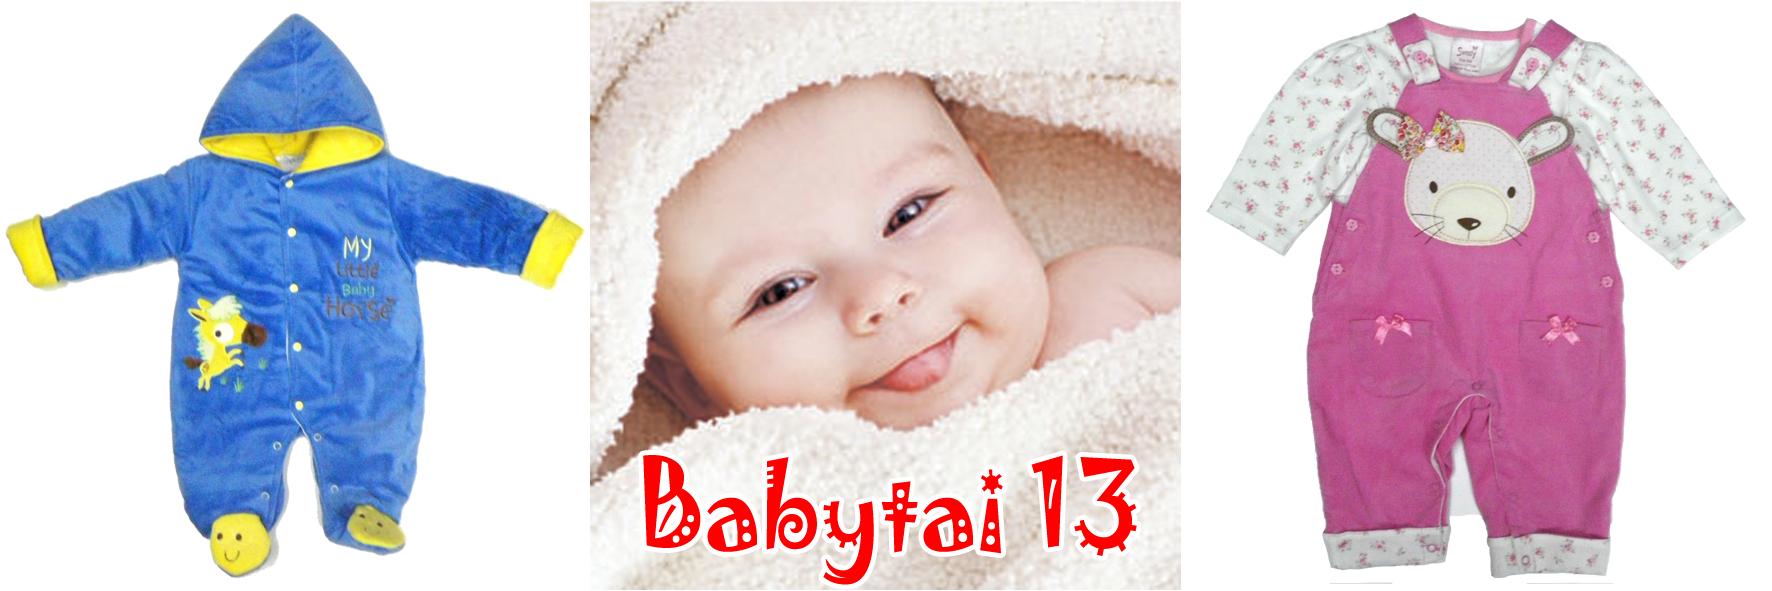 Сбор заказов. Babytai - большой выбор детской одежды от 0 и старше. Утепленные костюмы для малышей. Праздничные платья. Распродажа: все по 200, 300, 400 рублей. Выкуп 13